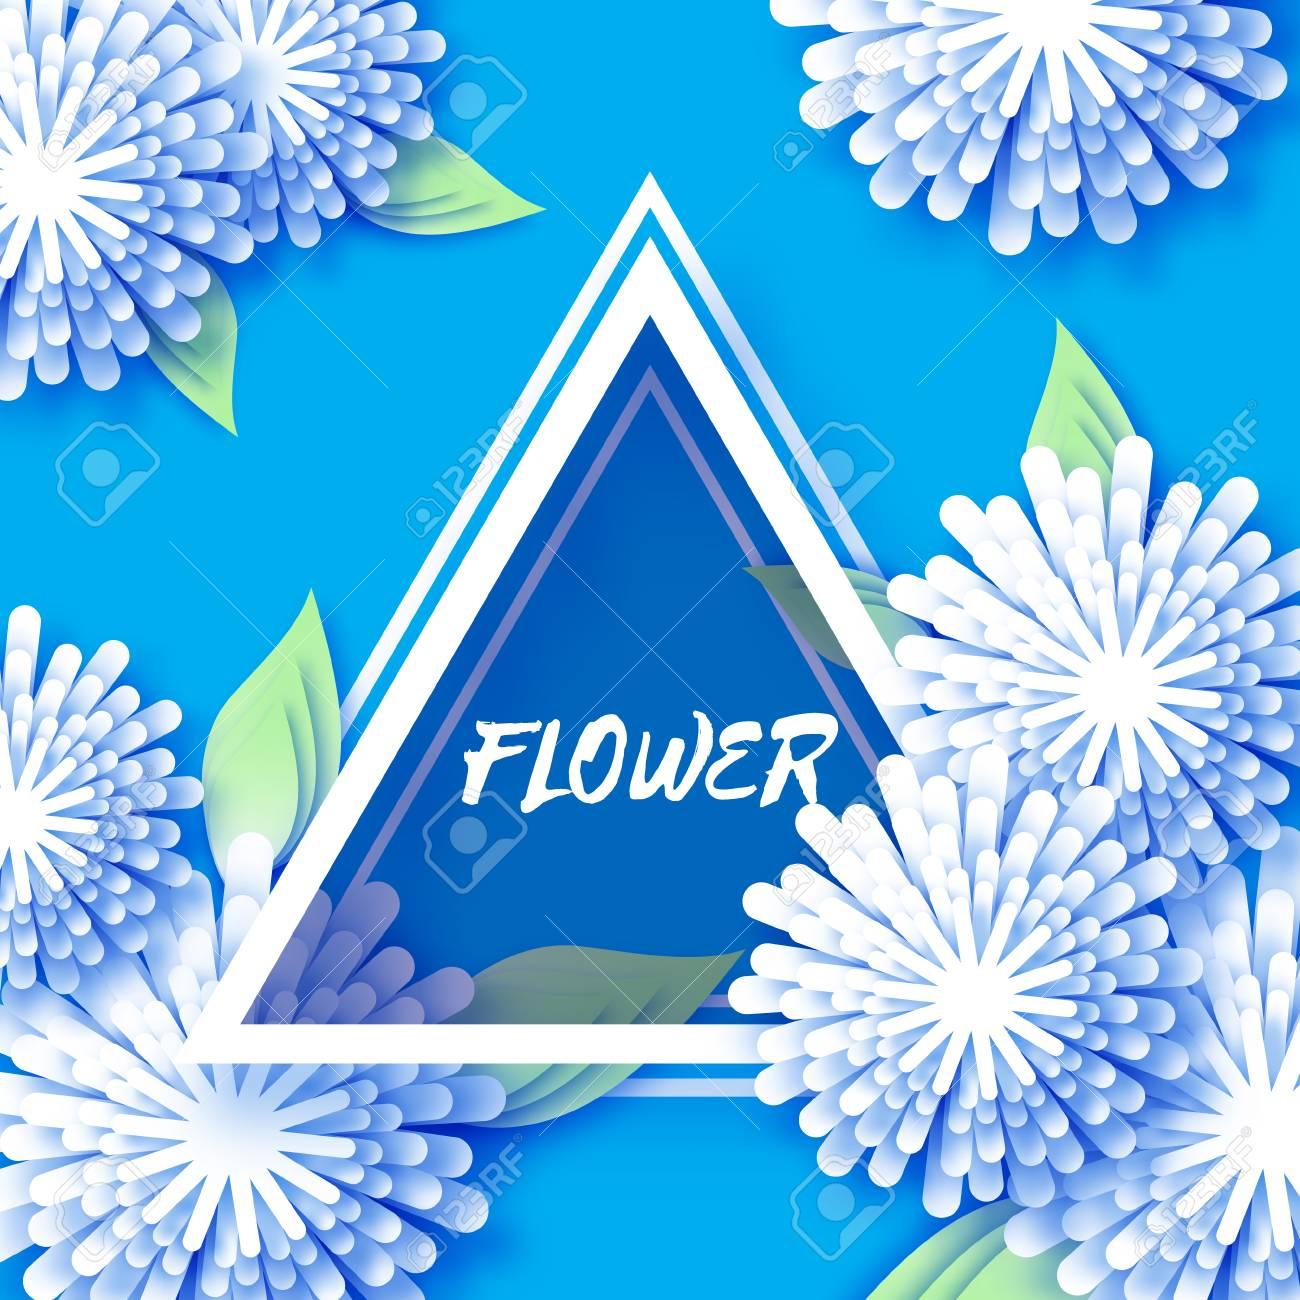 Weiß Blau Origami Blumen Grußkarte. Urlaub Auf Dem Hintergrund Mit ...